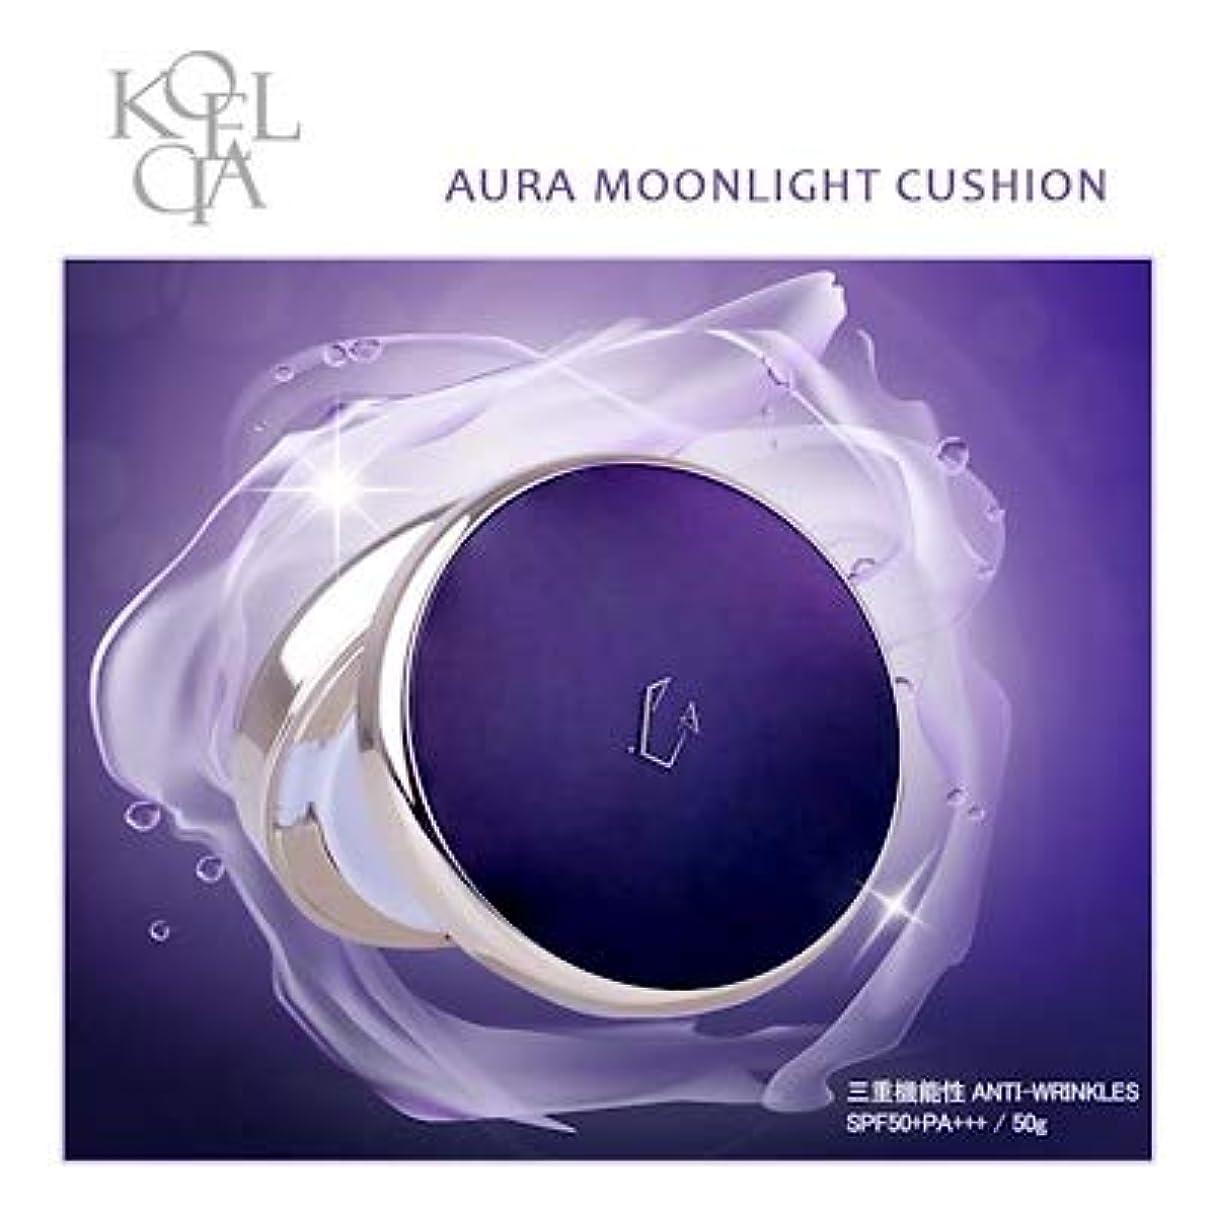 報復する農業のレンダリングKOELCIA Aura Moonlight Cushion 14g No.21(Light Beige) クッション 三重機能性Anti-Wrinkles(SPF50+PA+++ / 14g)完全新商品!!/Korea...